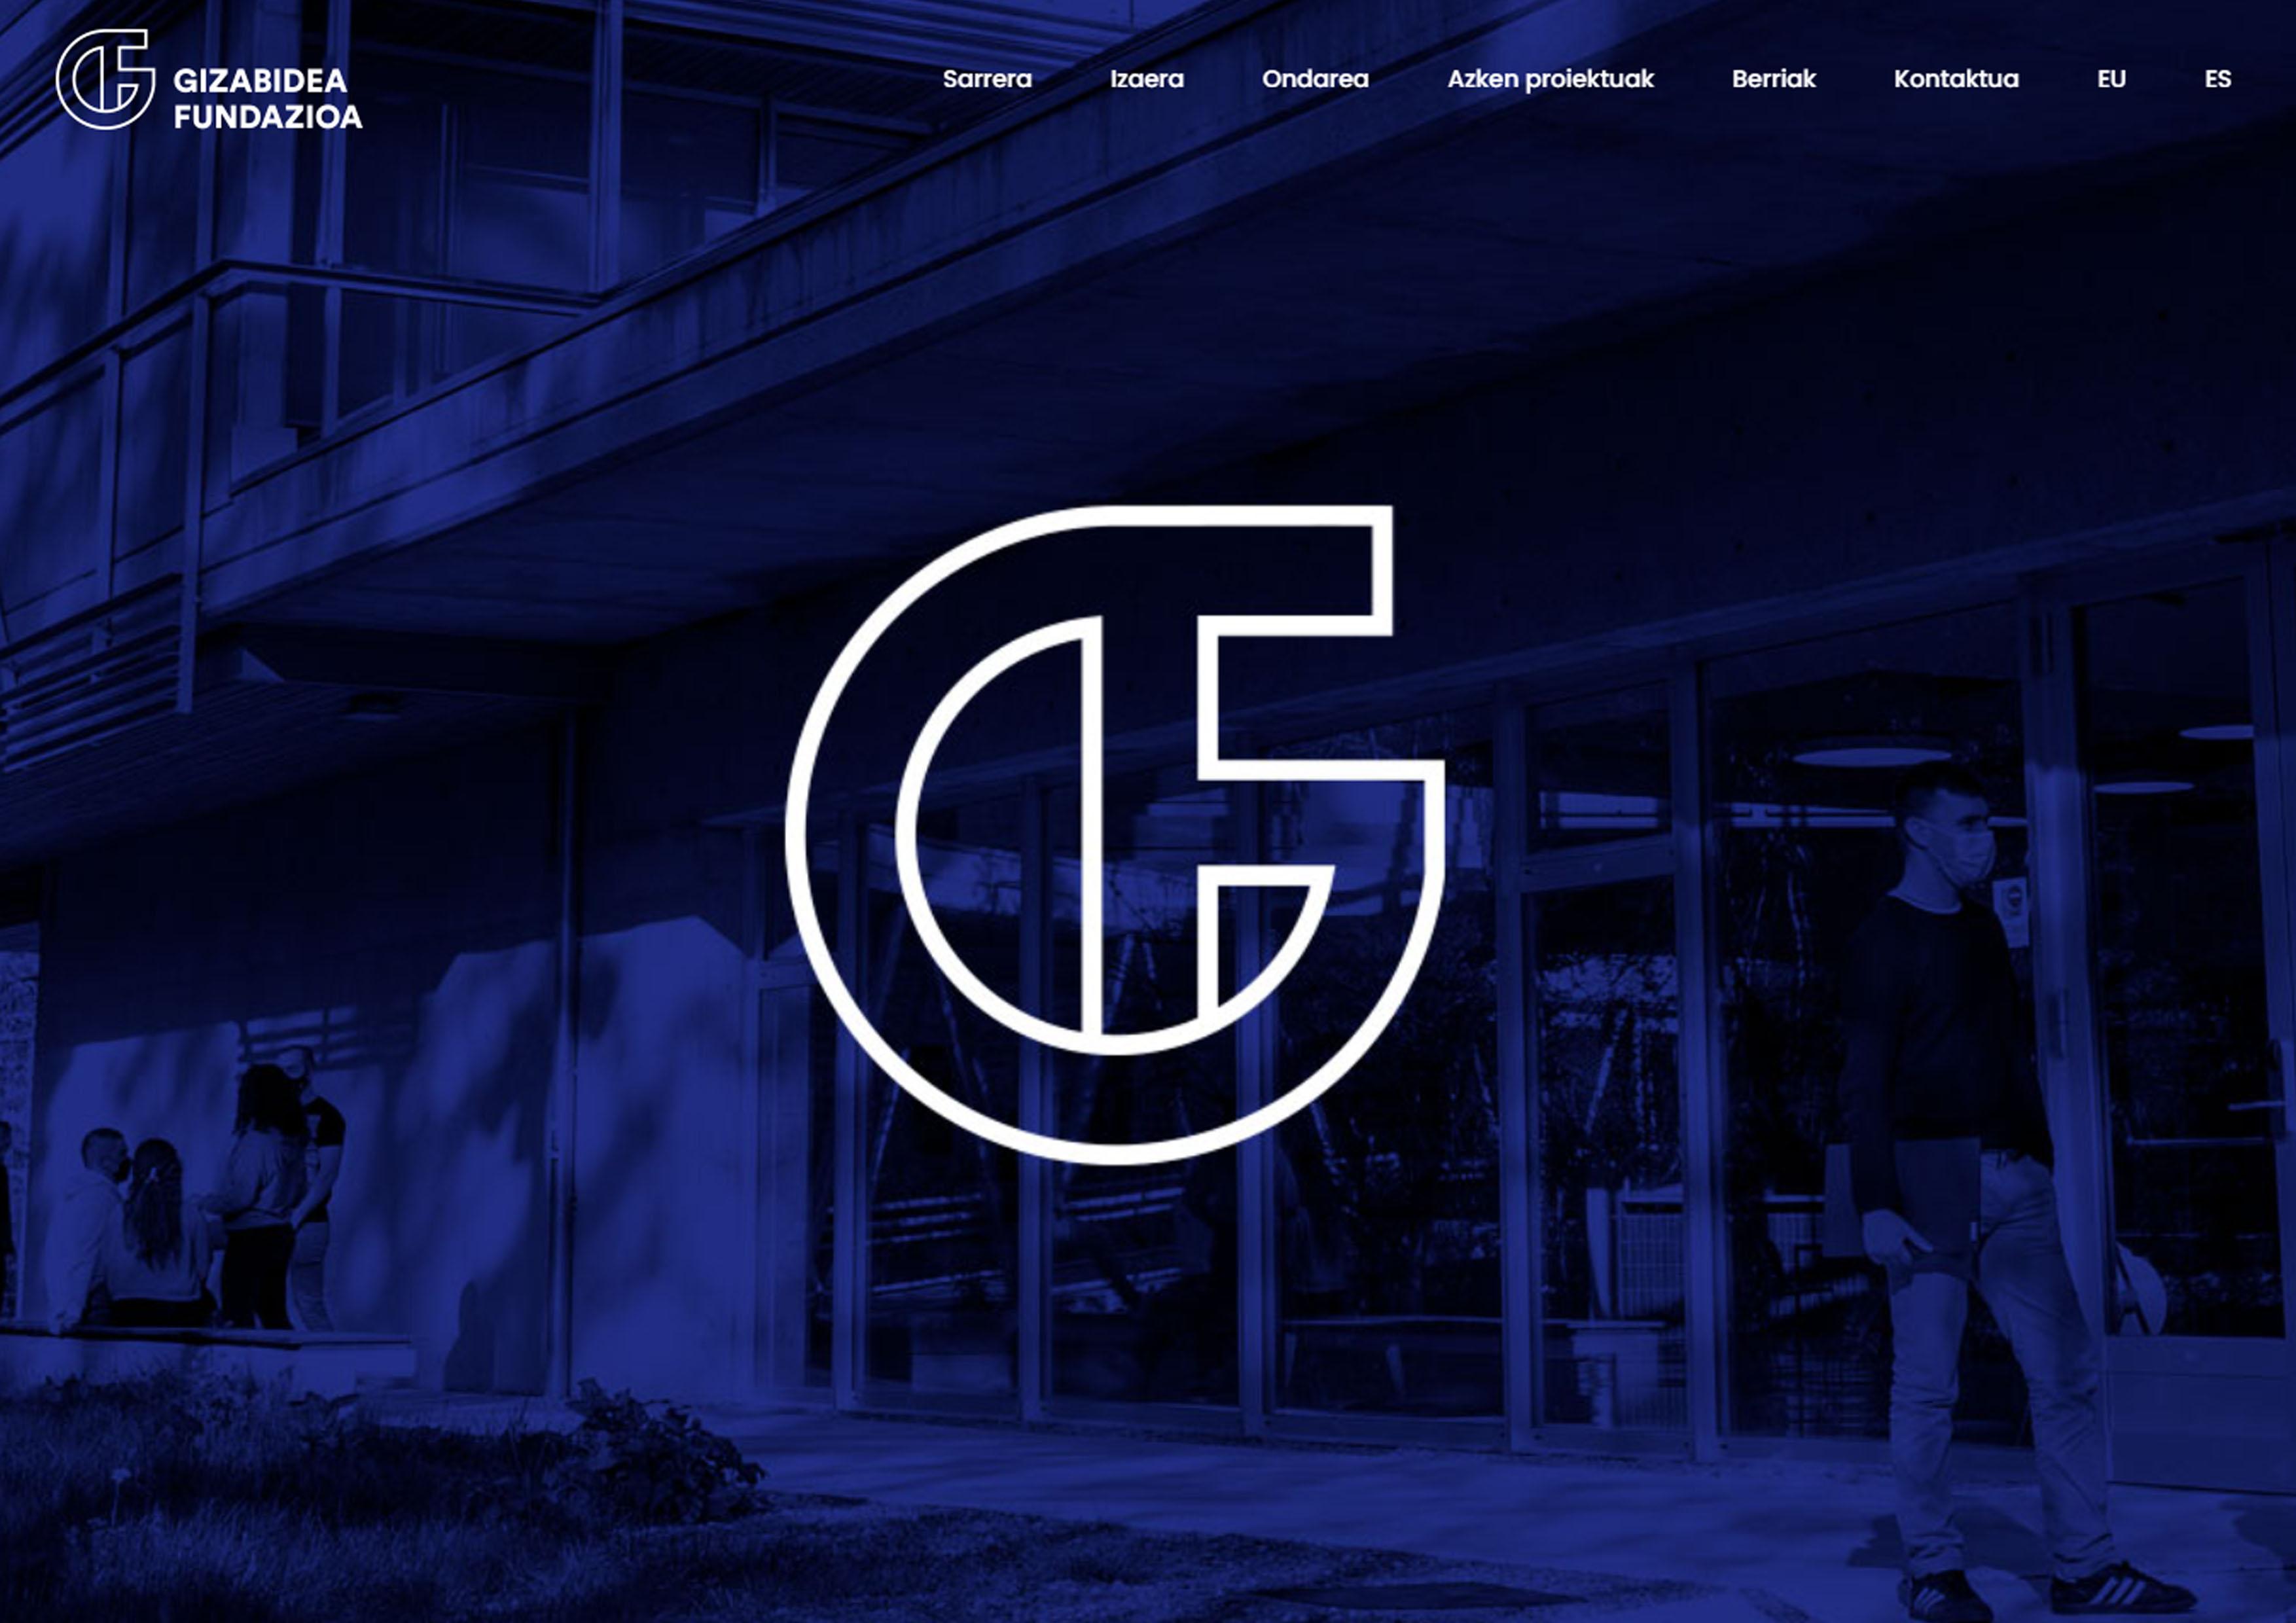 La Fundación Gizabidea presenta su propia web con la intención de acercarse a la comunidad